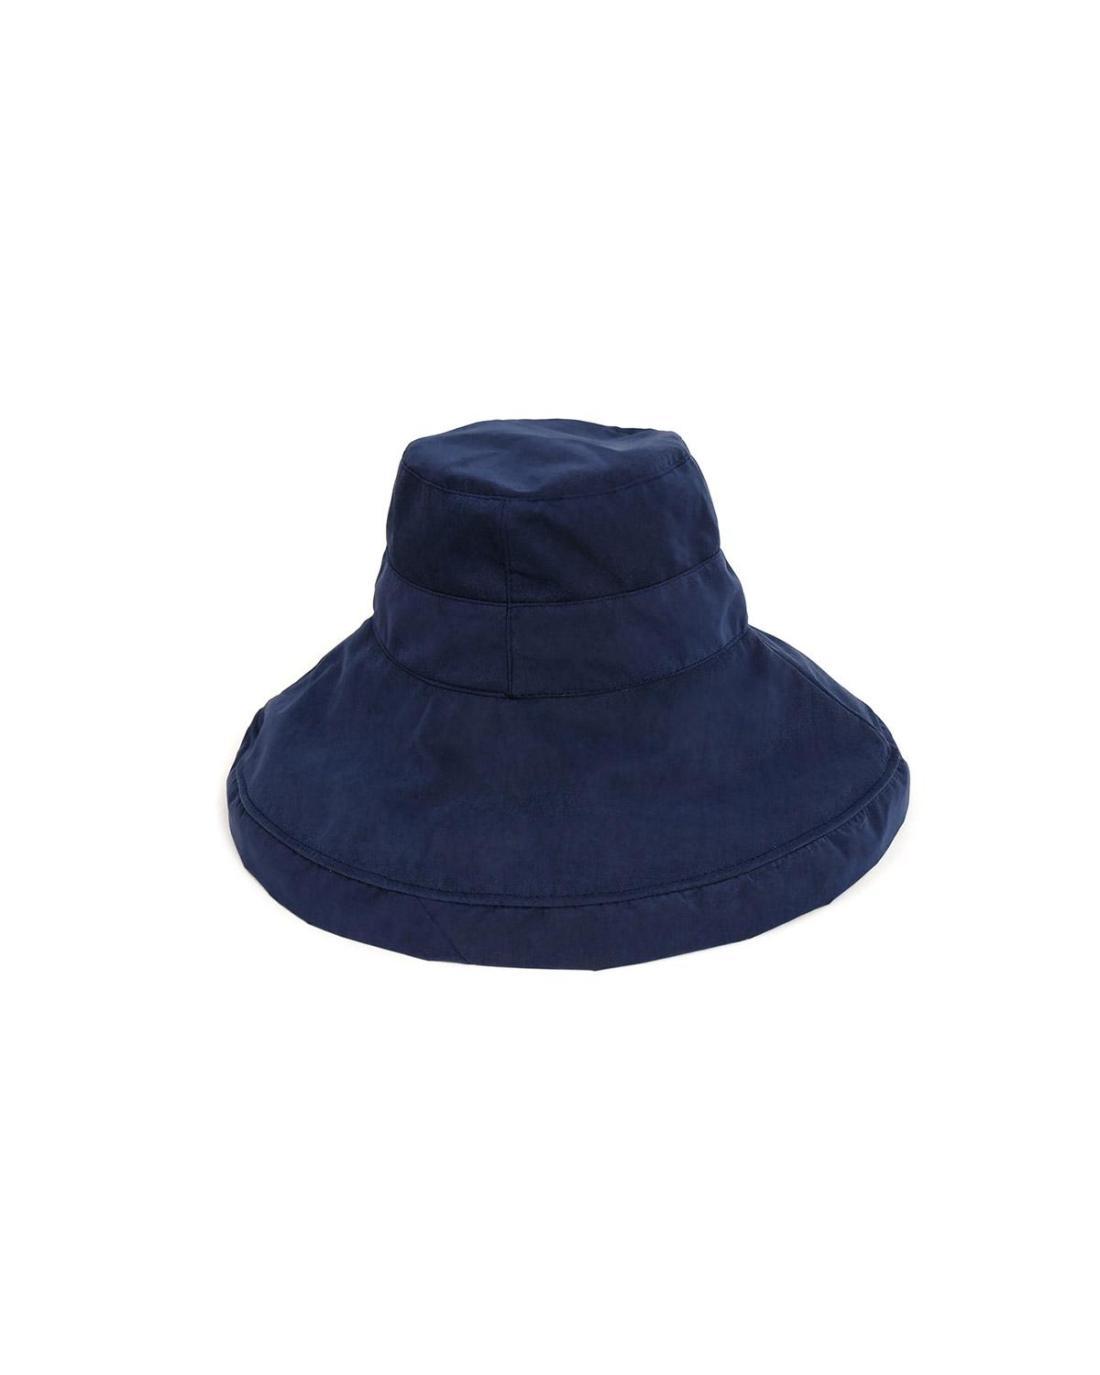 Hüt blau